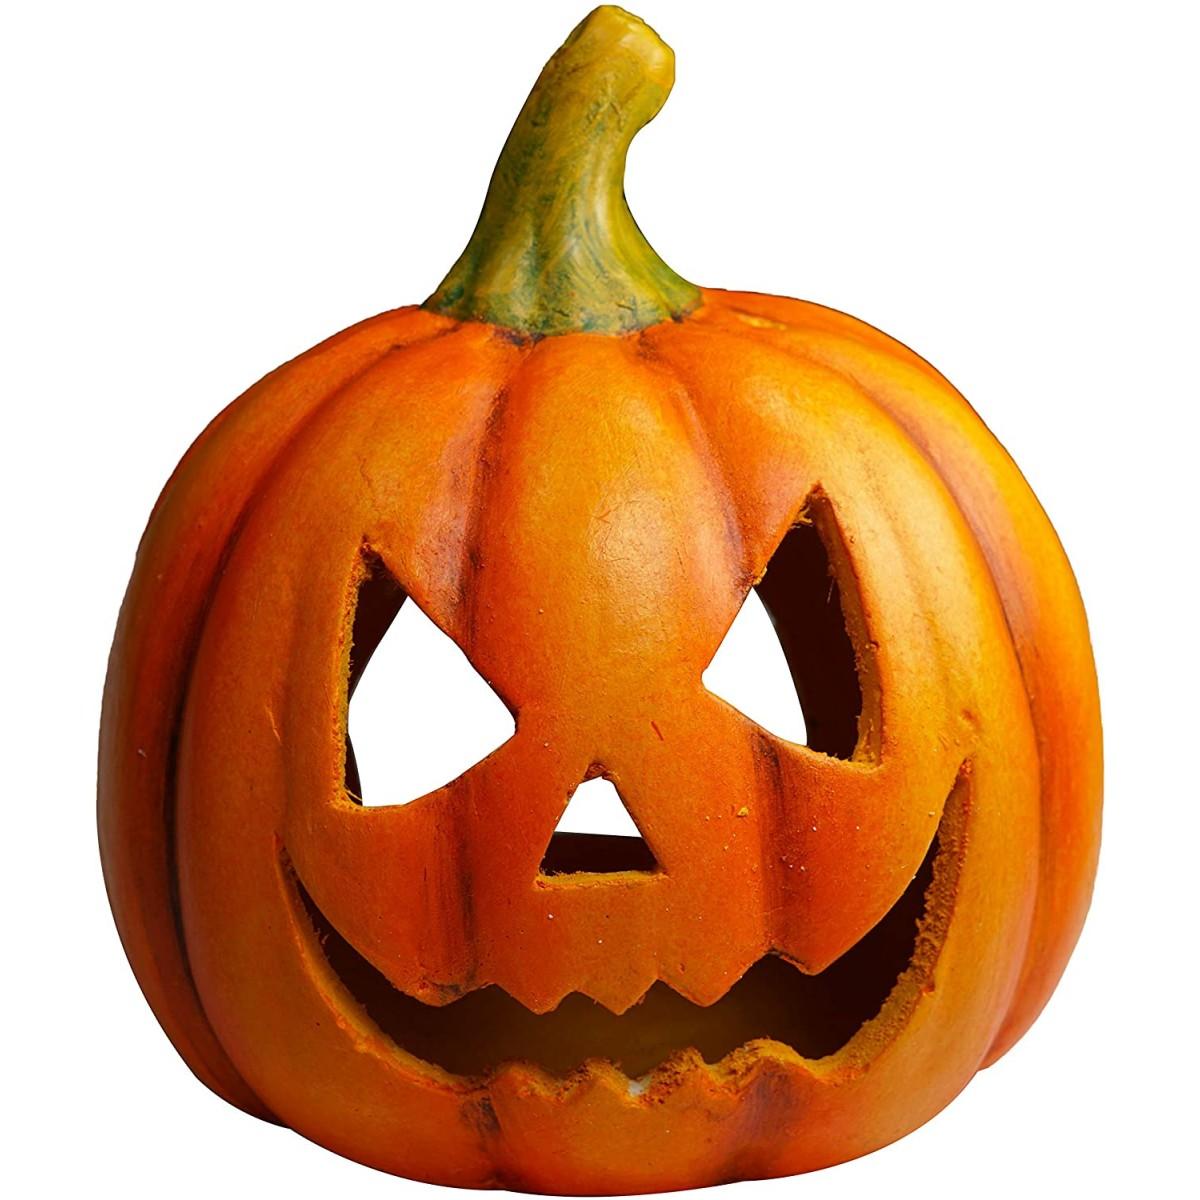 Immagini Zucca Di Halloween.Candela Lanterna Zucca Di Halloween In Vetroresina